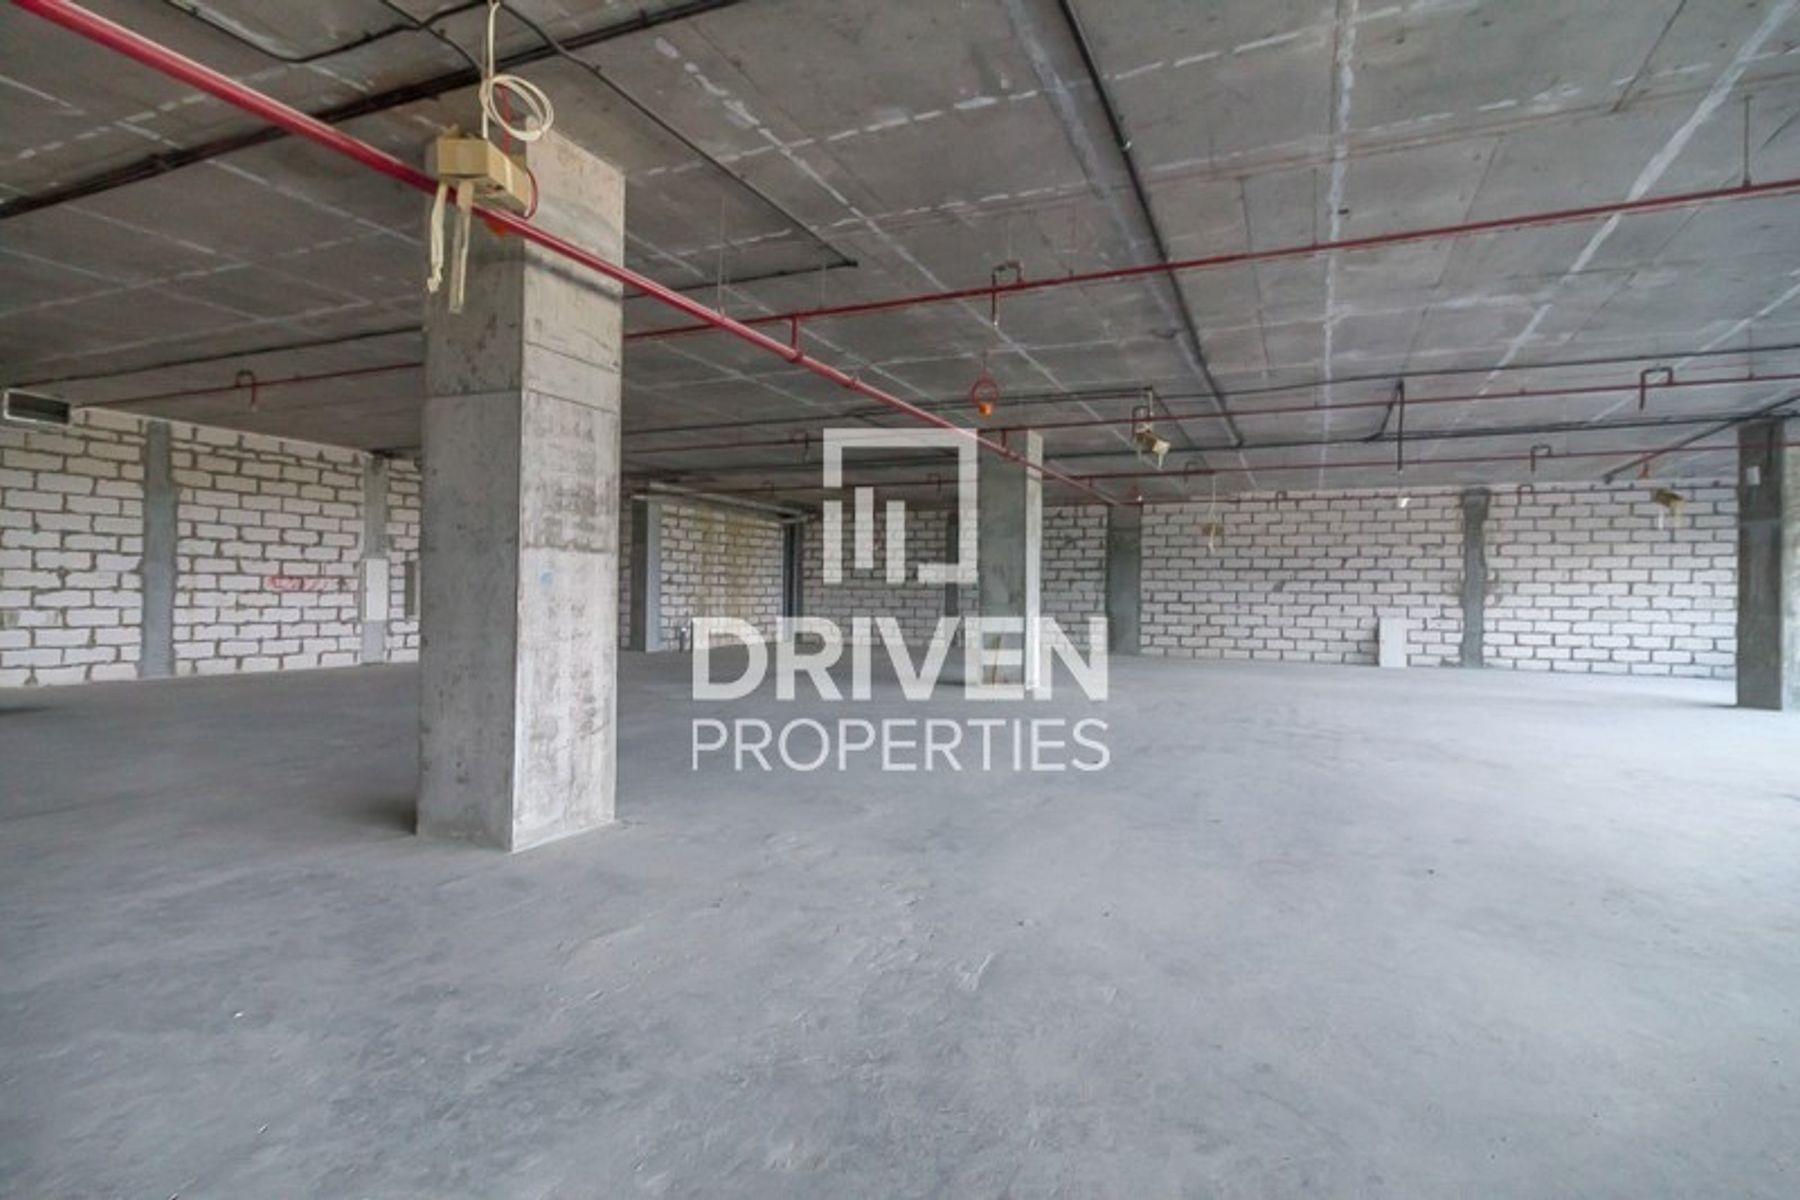 4,200 قدم مربع  مكتب - للايجار - مركز دبي المالي العالمي